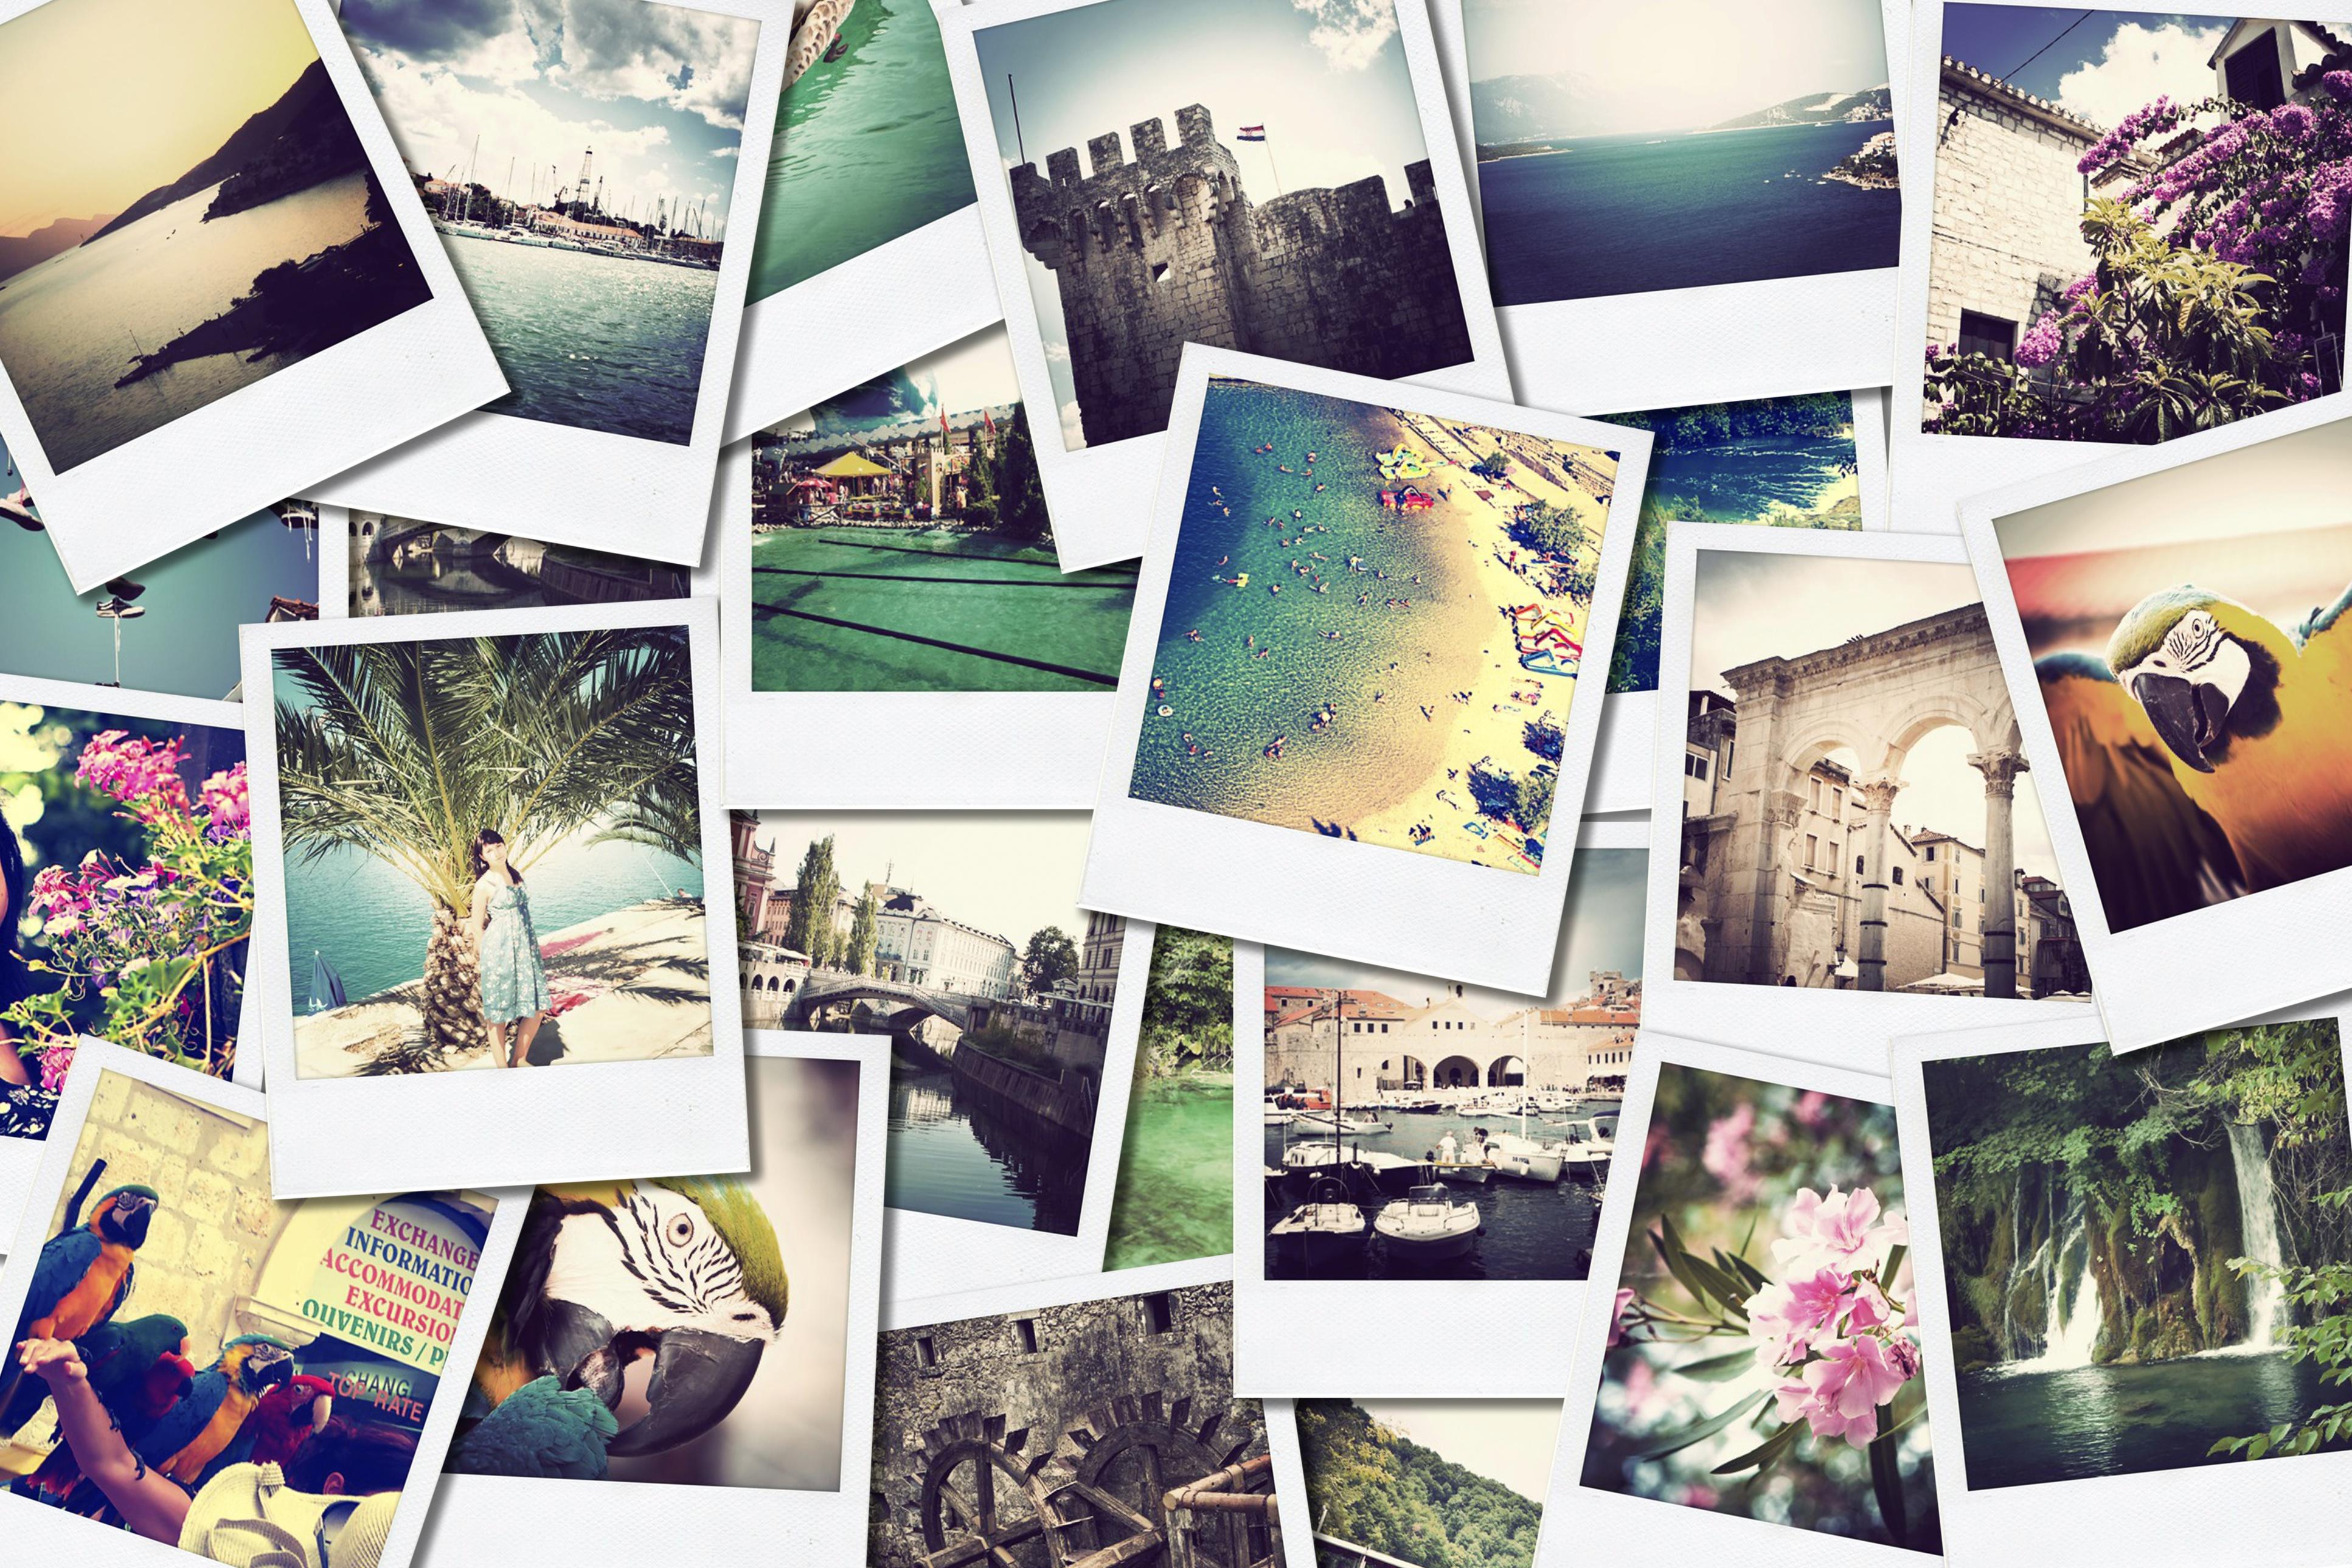 Cómo usar Instagram para conseguir nuevos clientes y crecer tu negocio